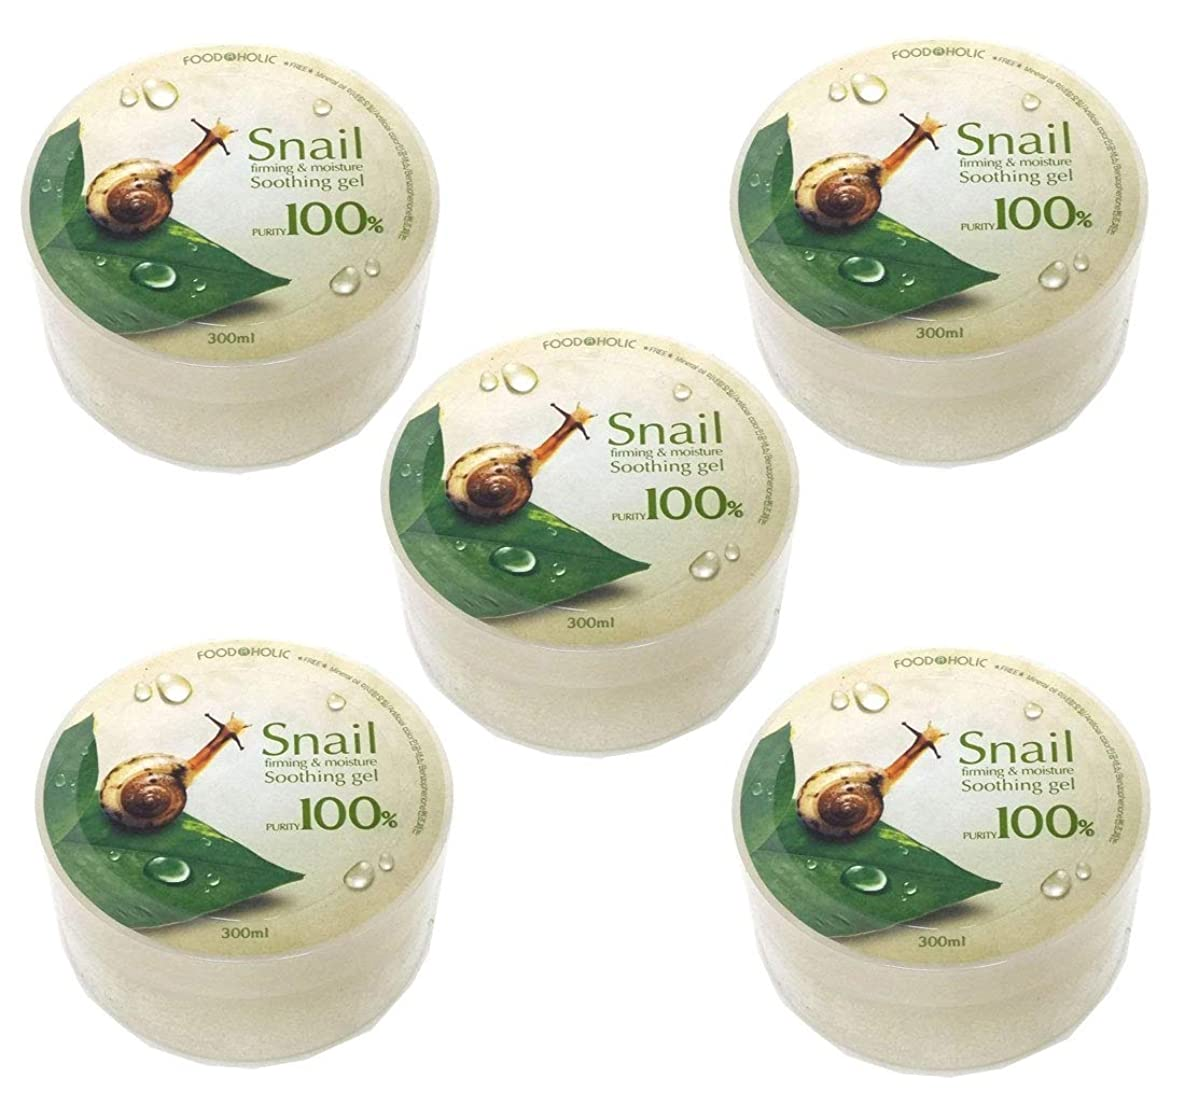 カナダ同級生獣[Food A Holic] スネイルファーミング&水分スージングジェル300ml X 5ea / Snail Firming & moisture Soothing Gel 300ml X 5ea / 純度97% / purity 97% / 韓国化粧品/Korean Cosmetics [並行輸入品]